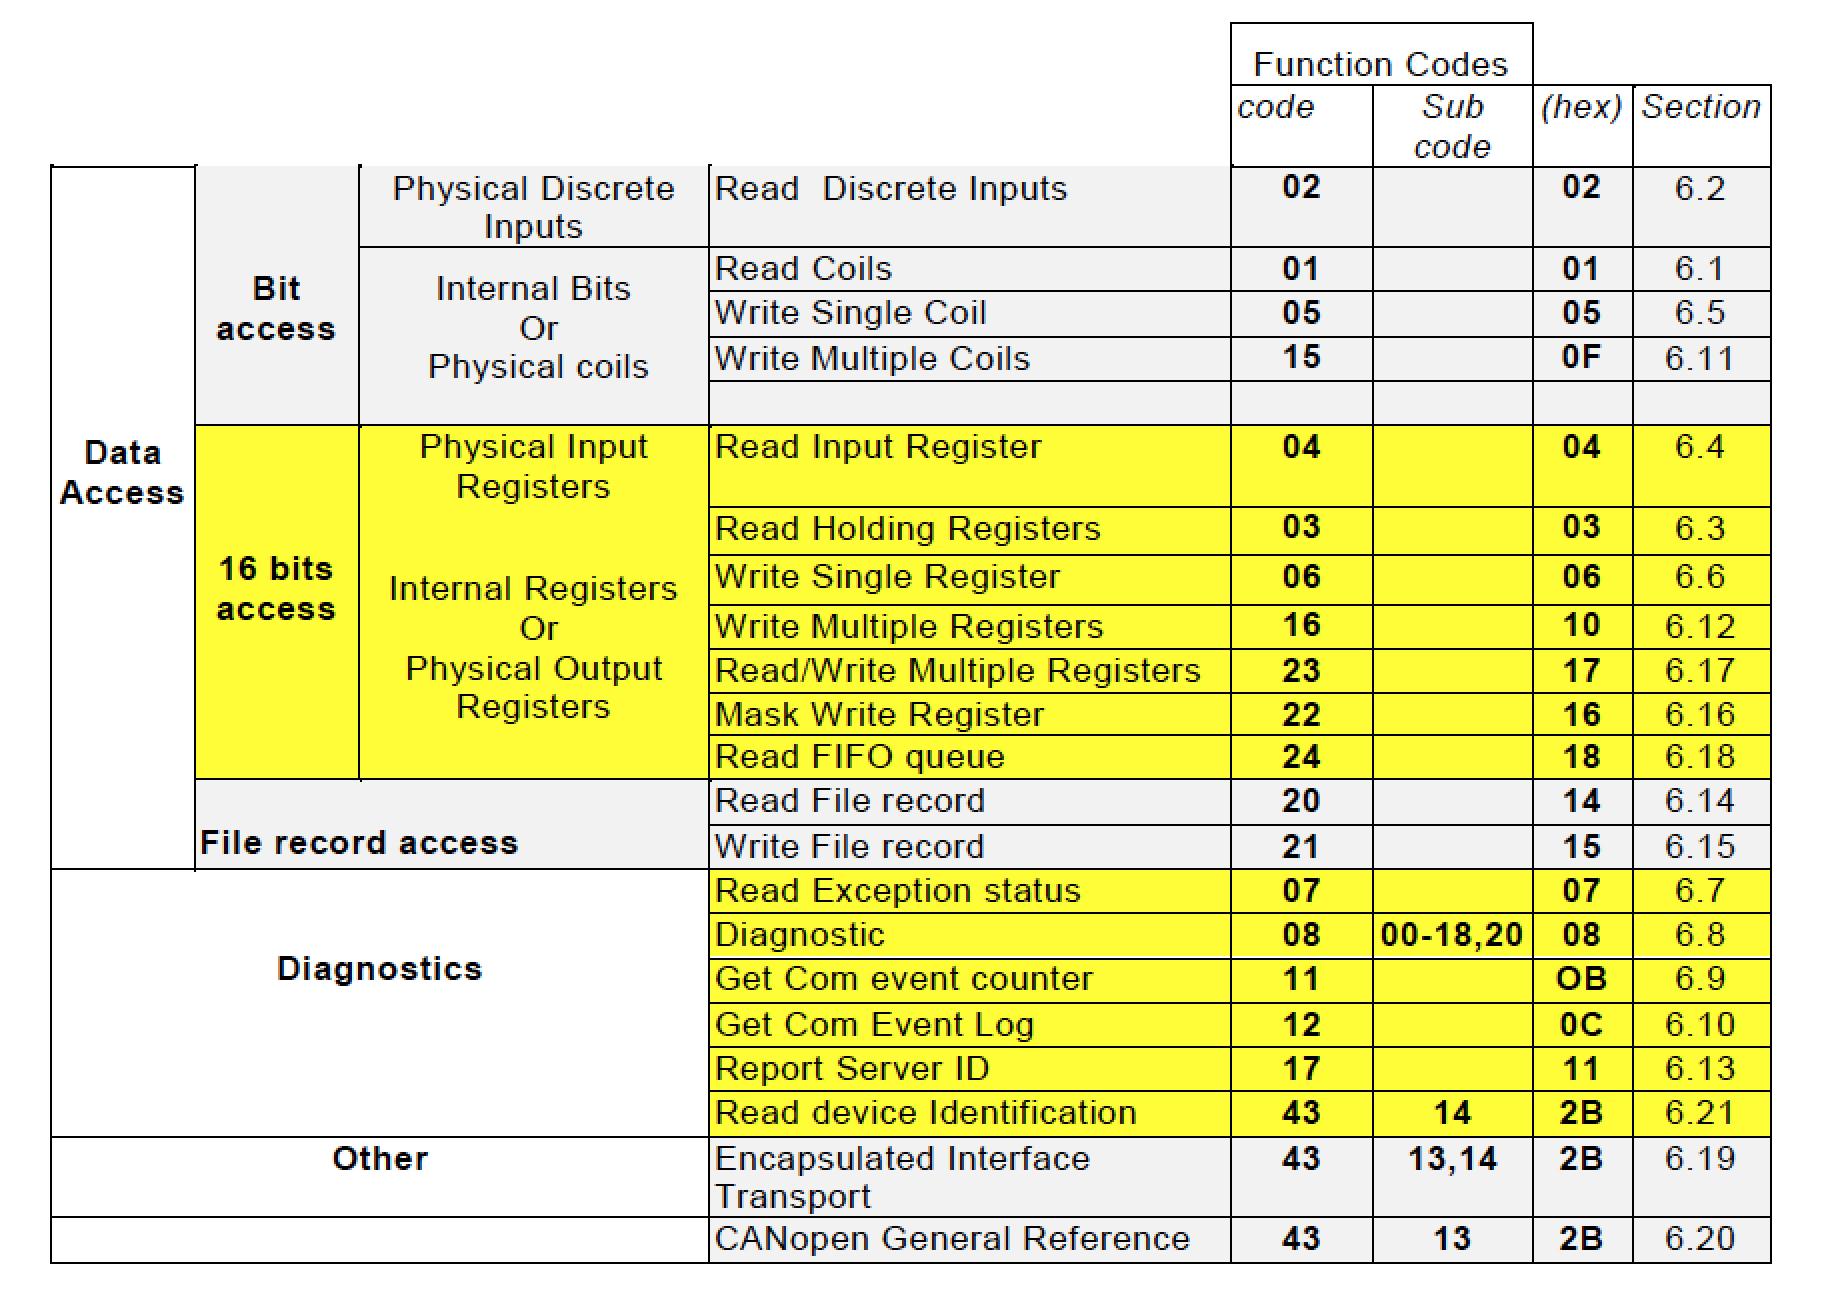 Códigos de Función para el Protocolo Modbus